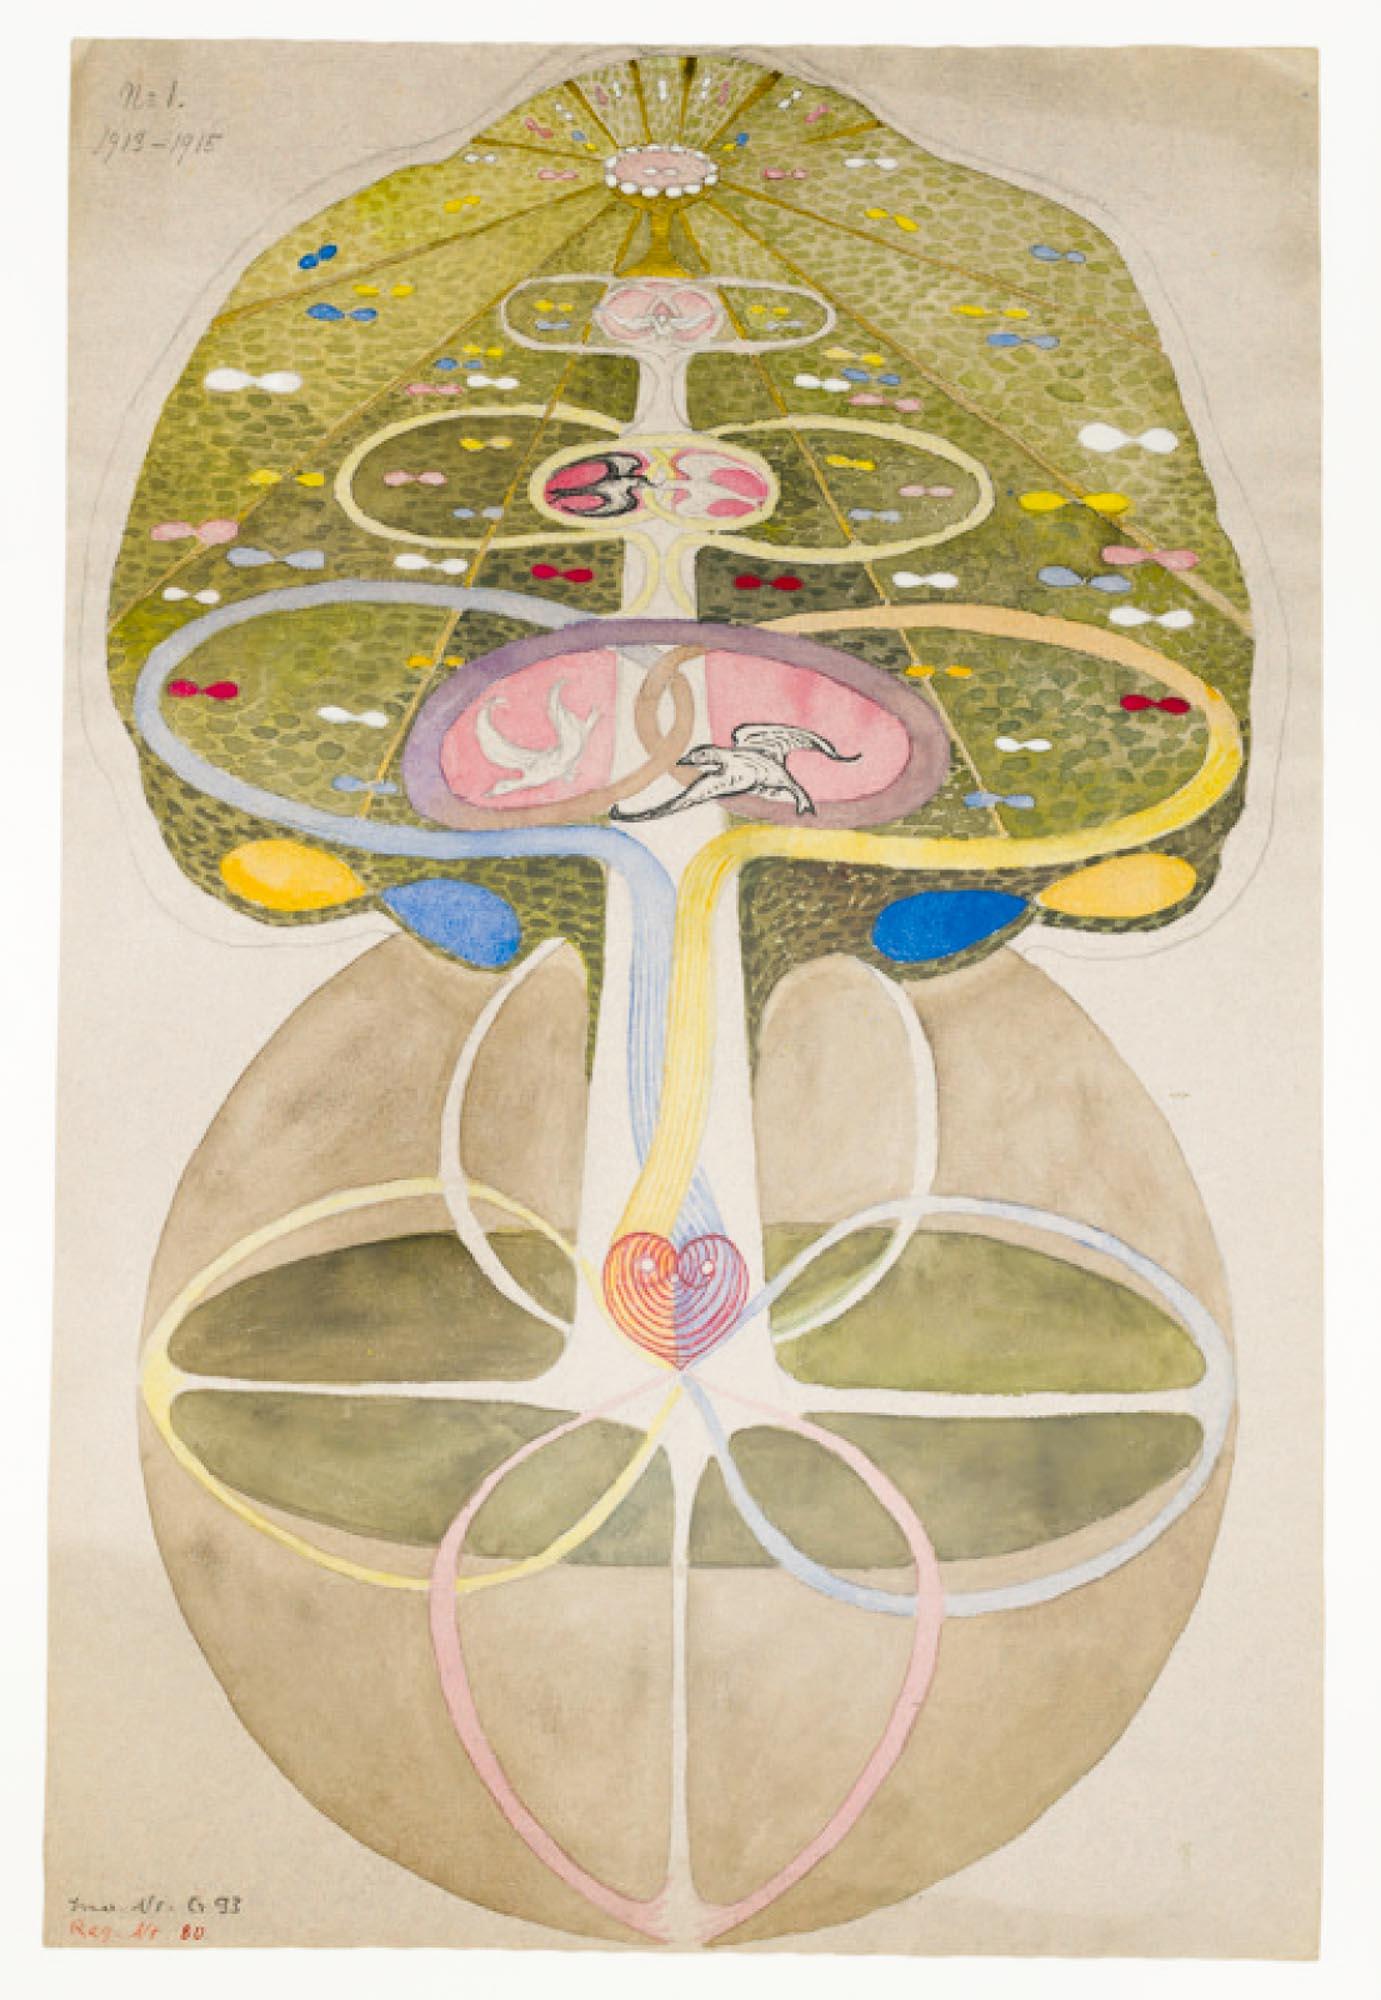 Der Baum der Erkenntnis, Hilma af Klint (Nr. 1), um 1885